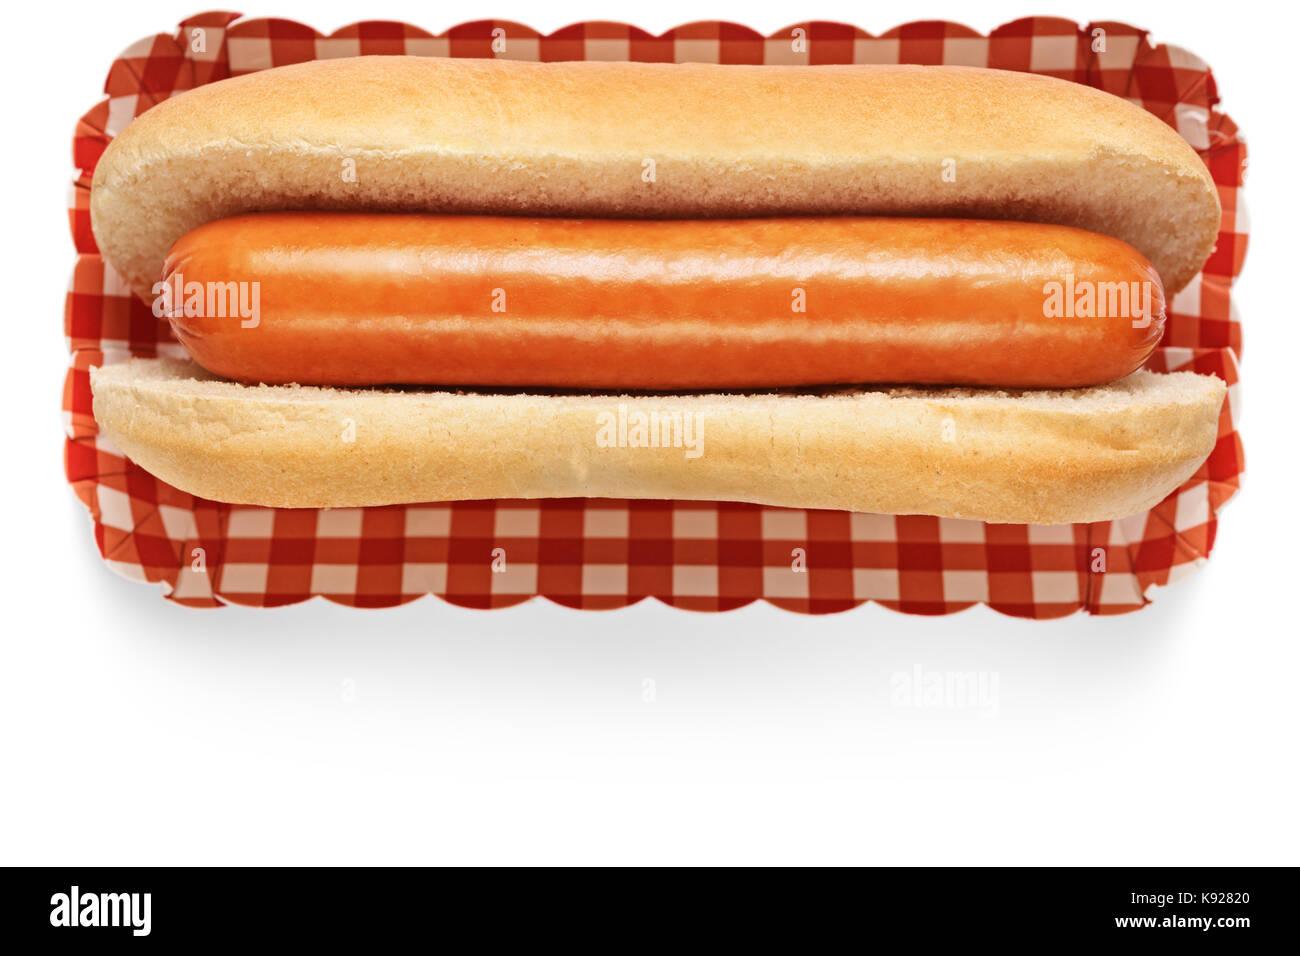 Hotdog isolated on white background - Stock Image